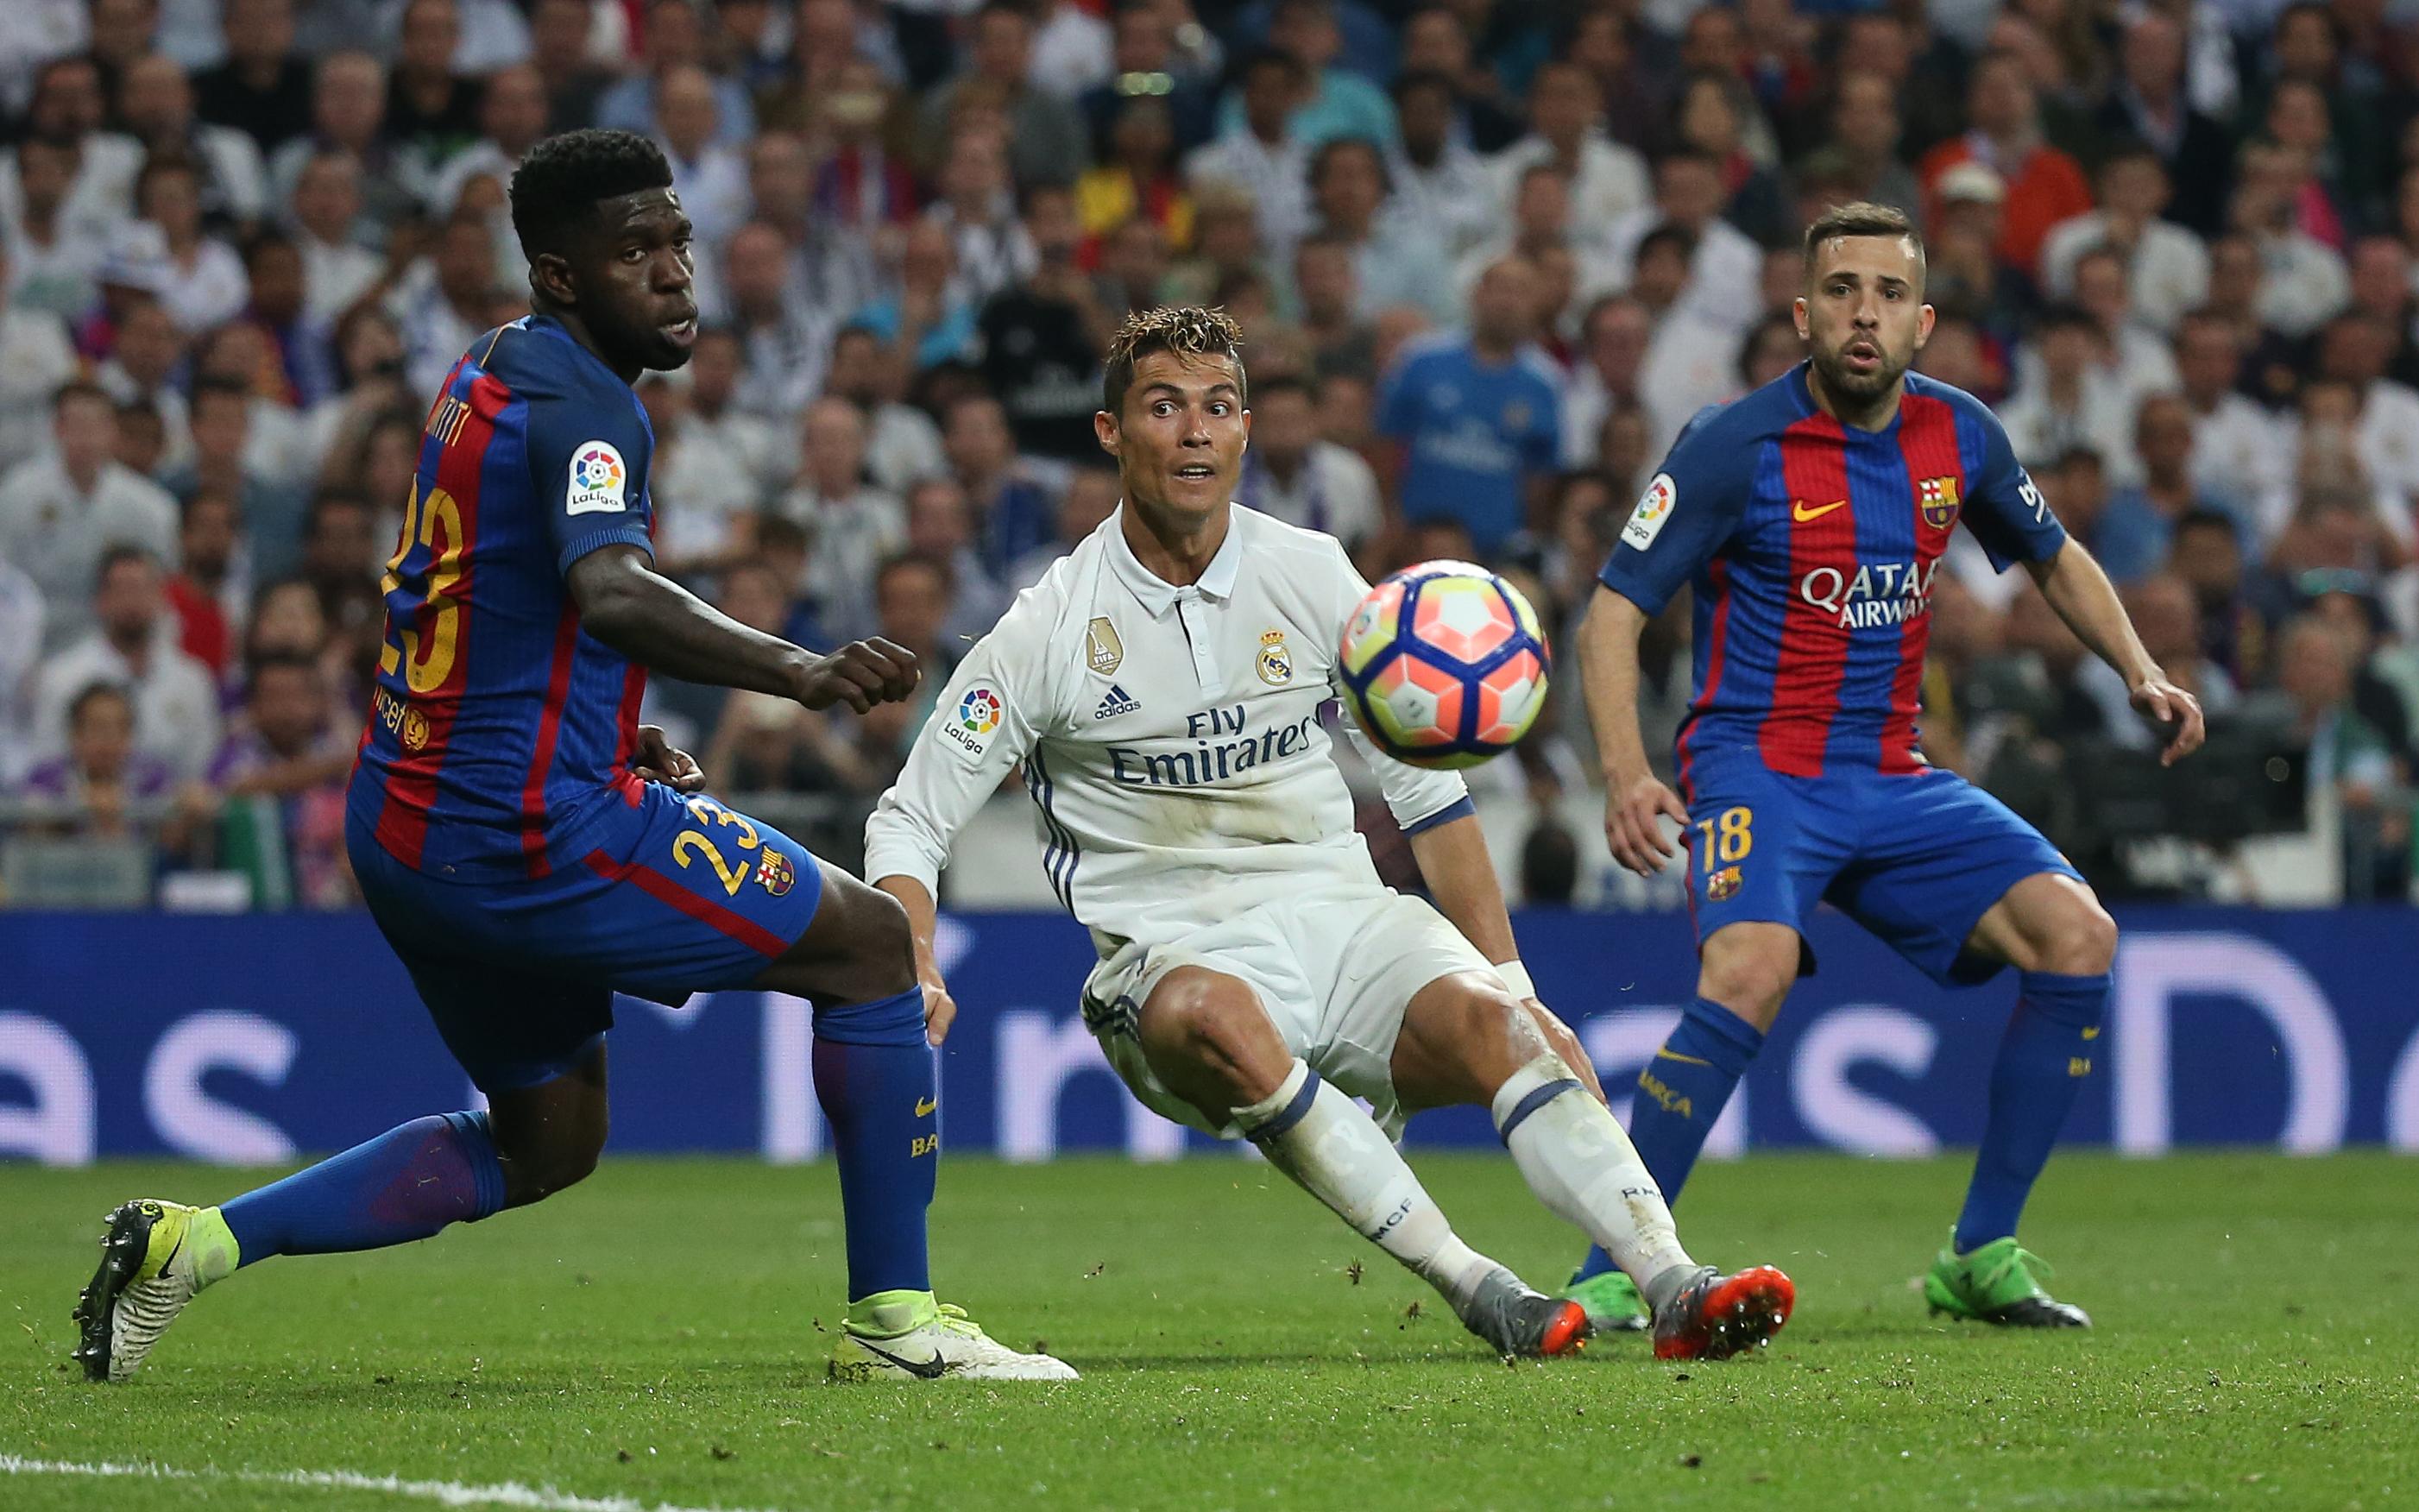 رونالدو أمام برشلونة